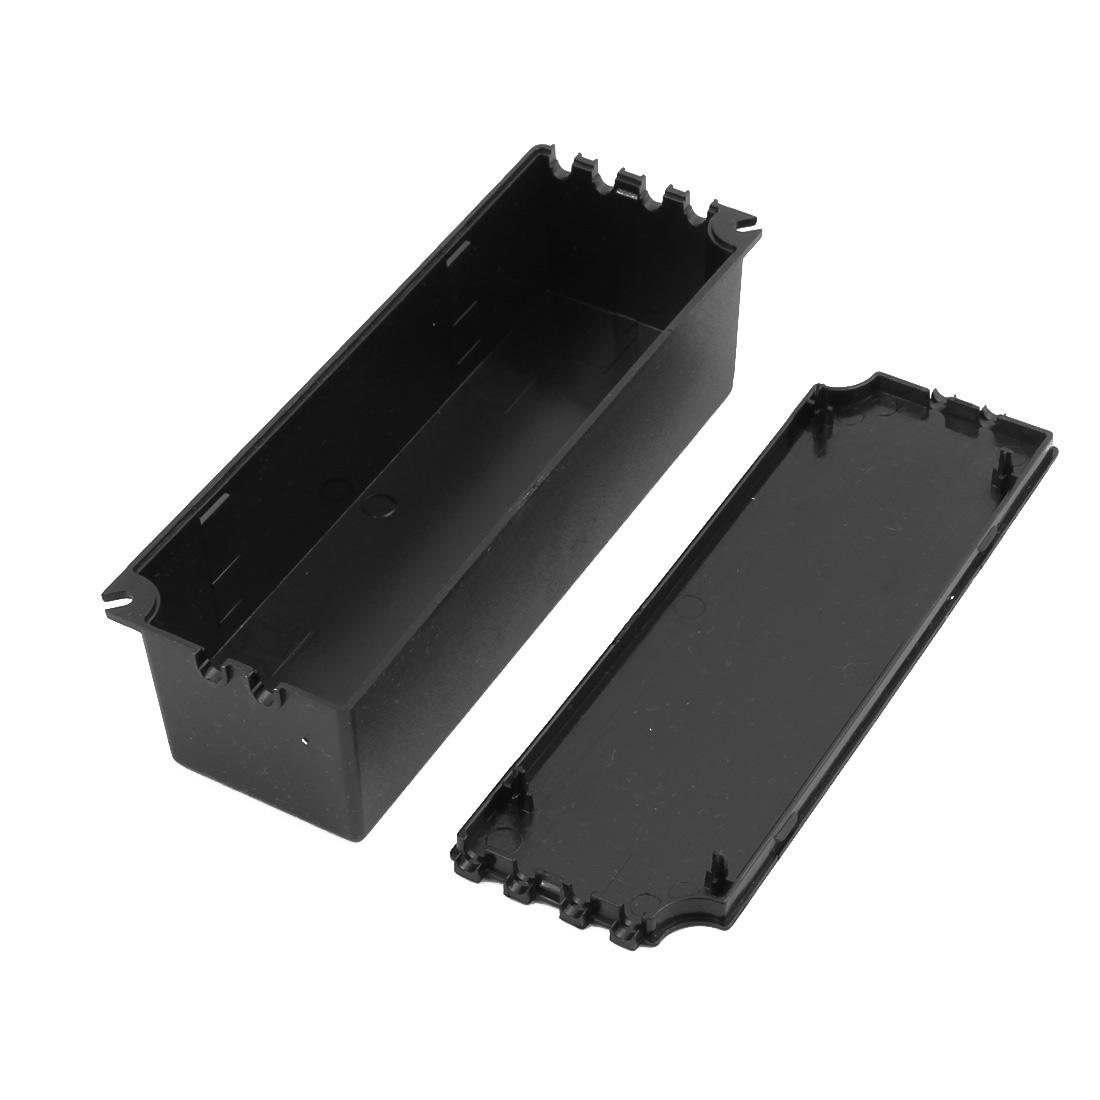 3pcs Bo tier de raccordement XG150 150x52x37mm Bo tier ignifuge PC pour LED Driver - image 2 de 3